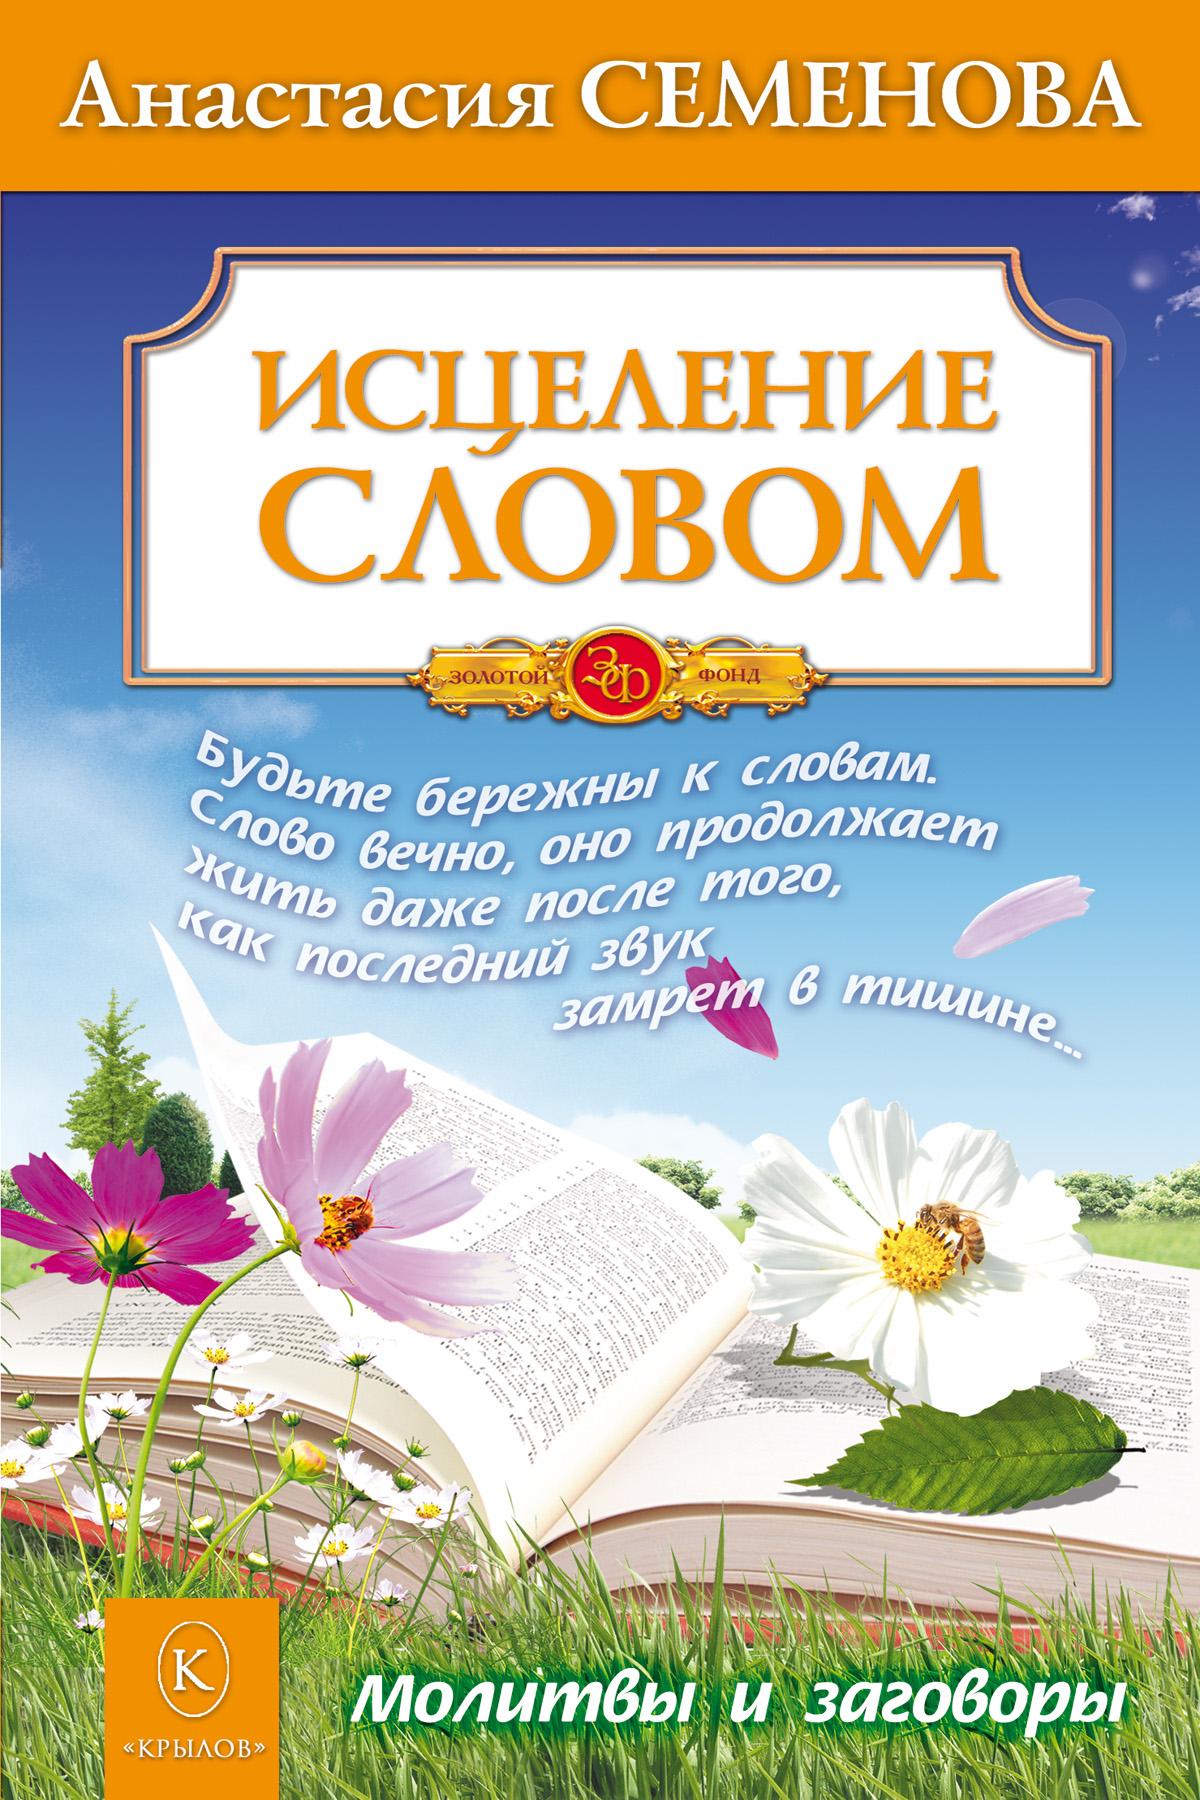 Анастасия Семенова Исцеление словом алексанова м как исцелиться словом заговоры от болезней и депресии